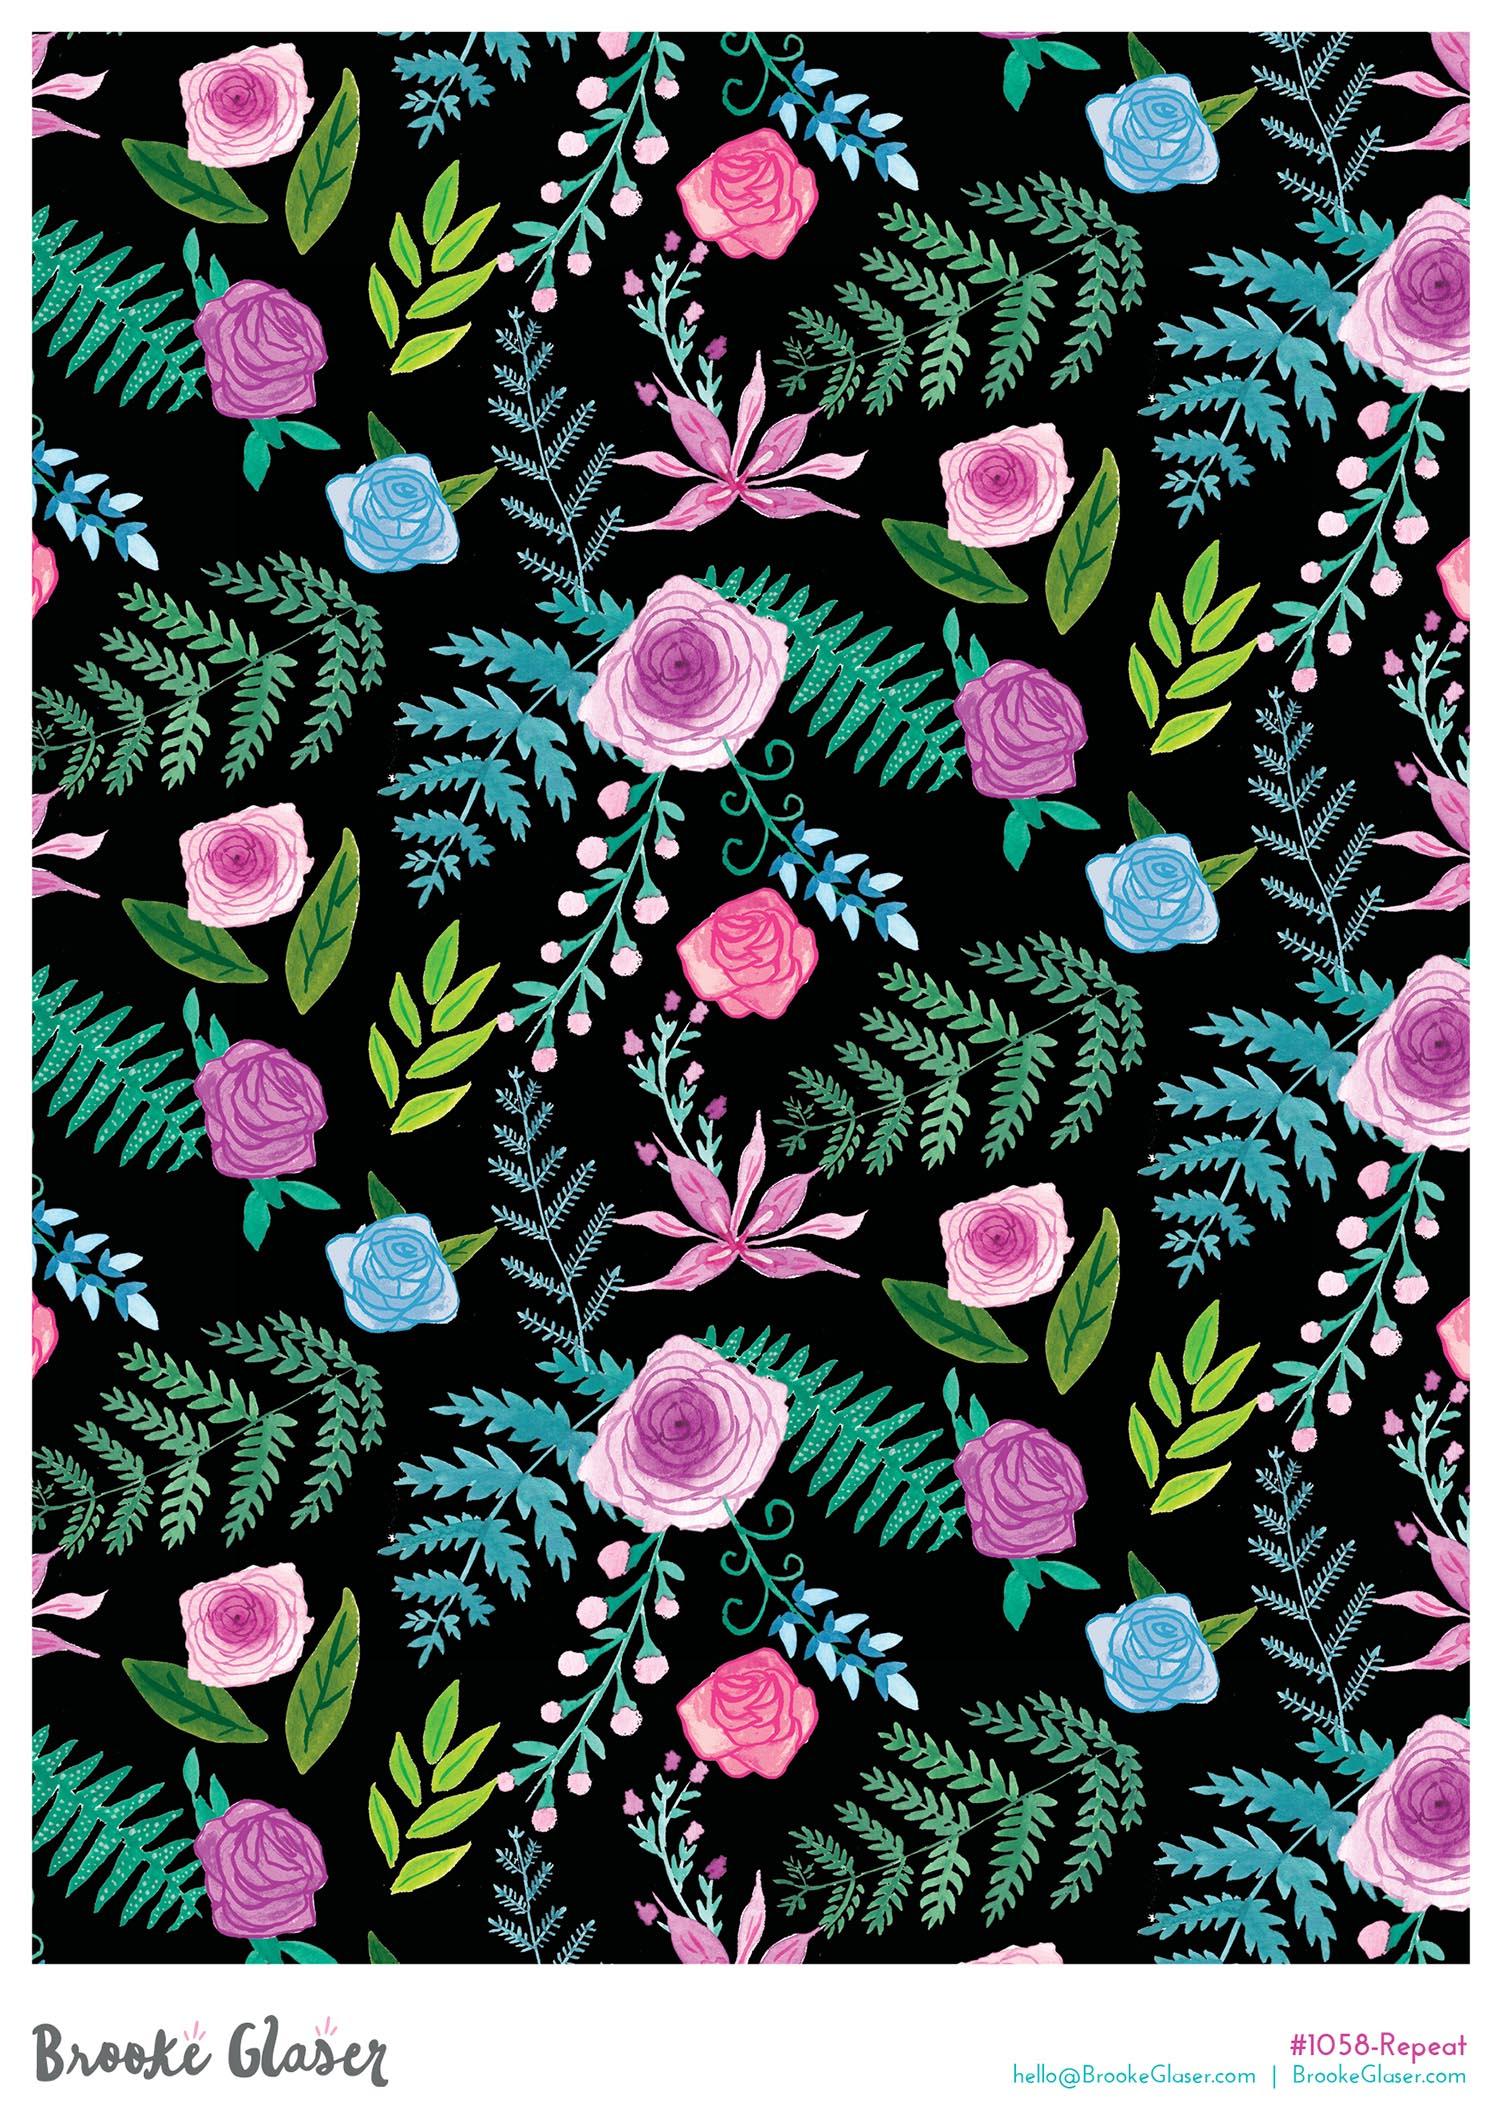 Brooke-Glaser-Prints5.jpg